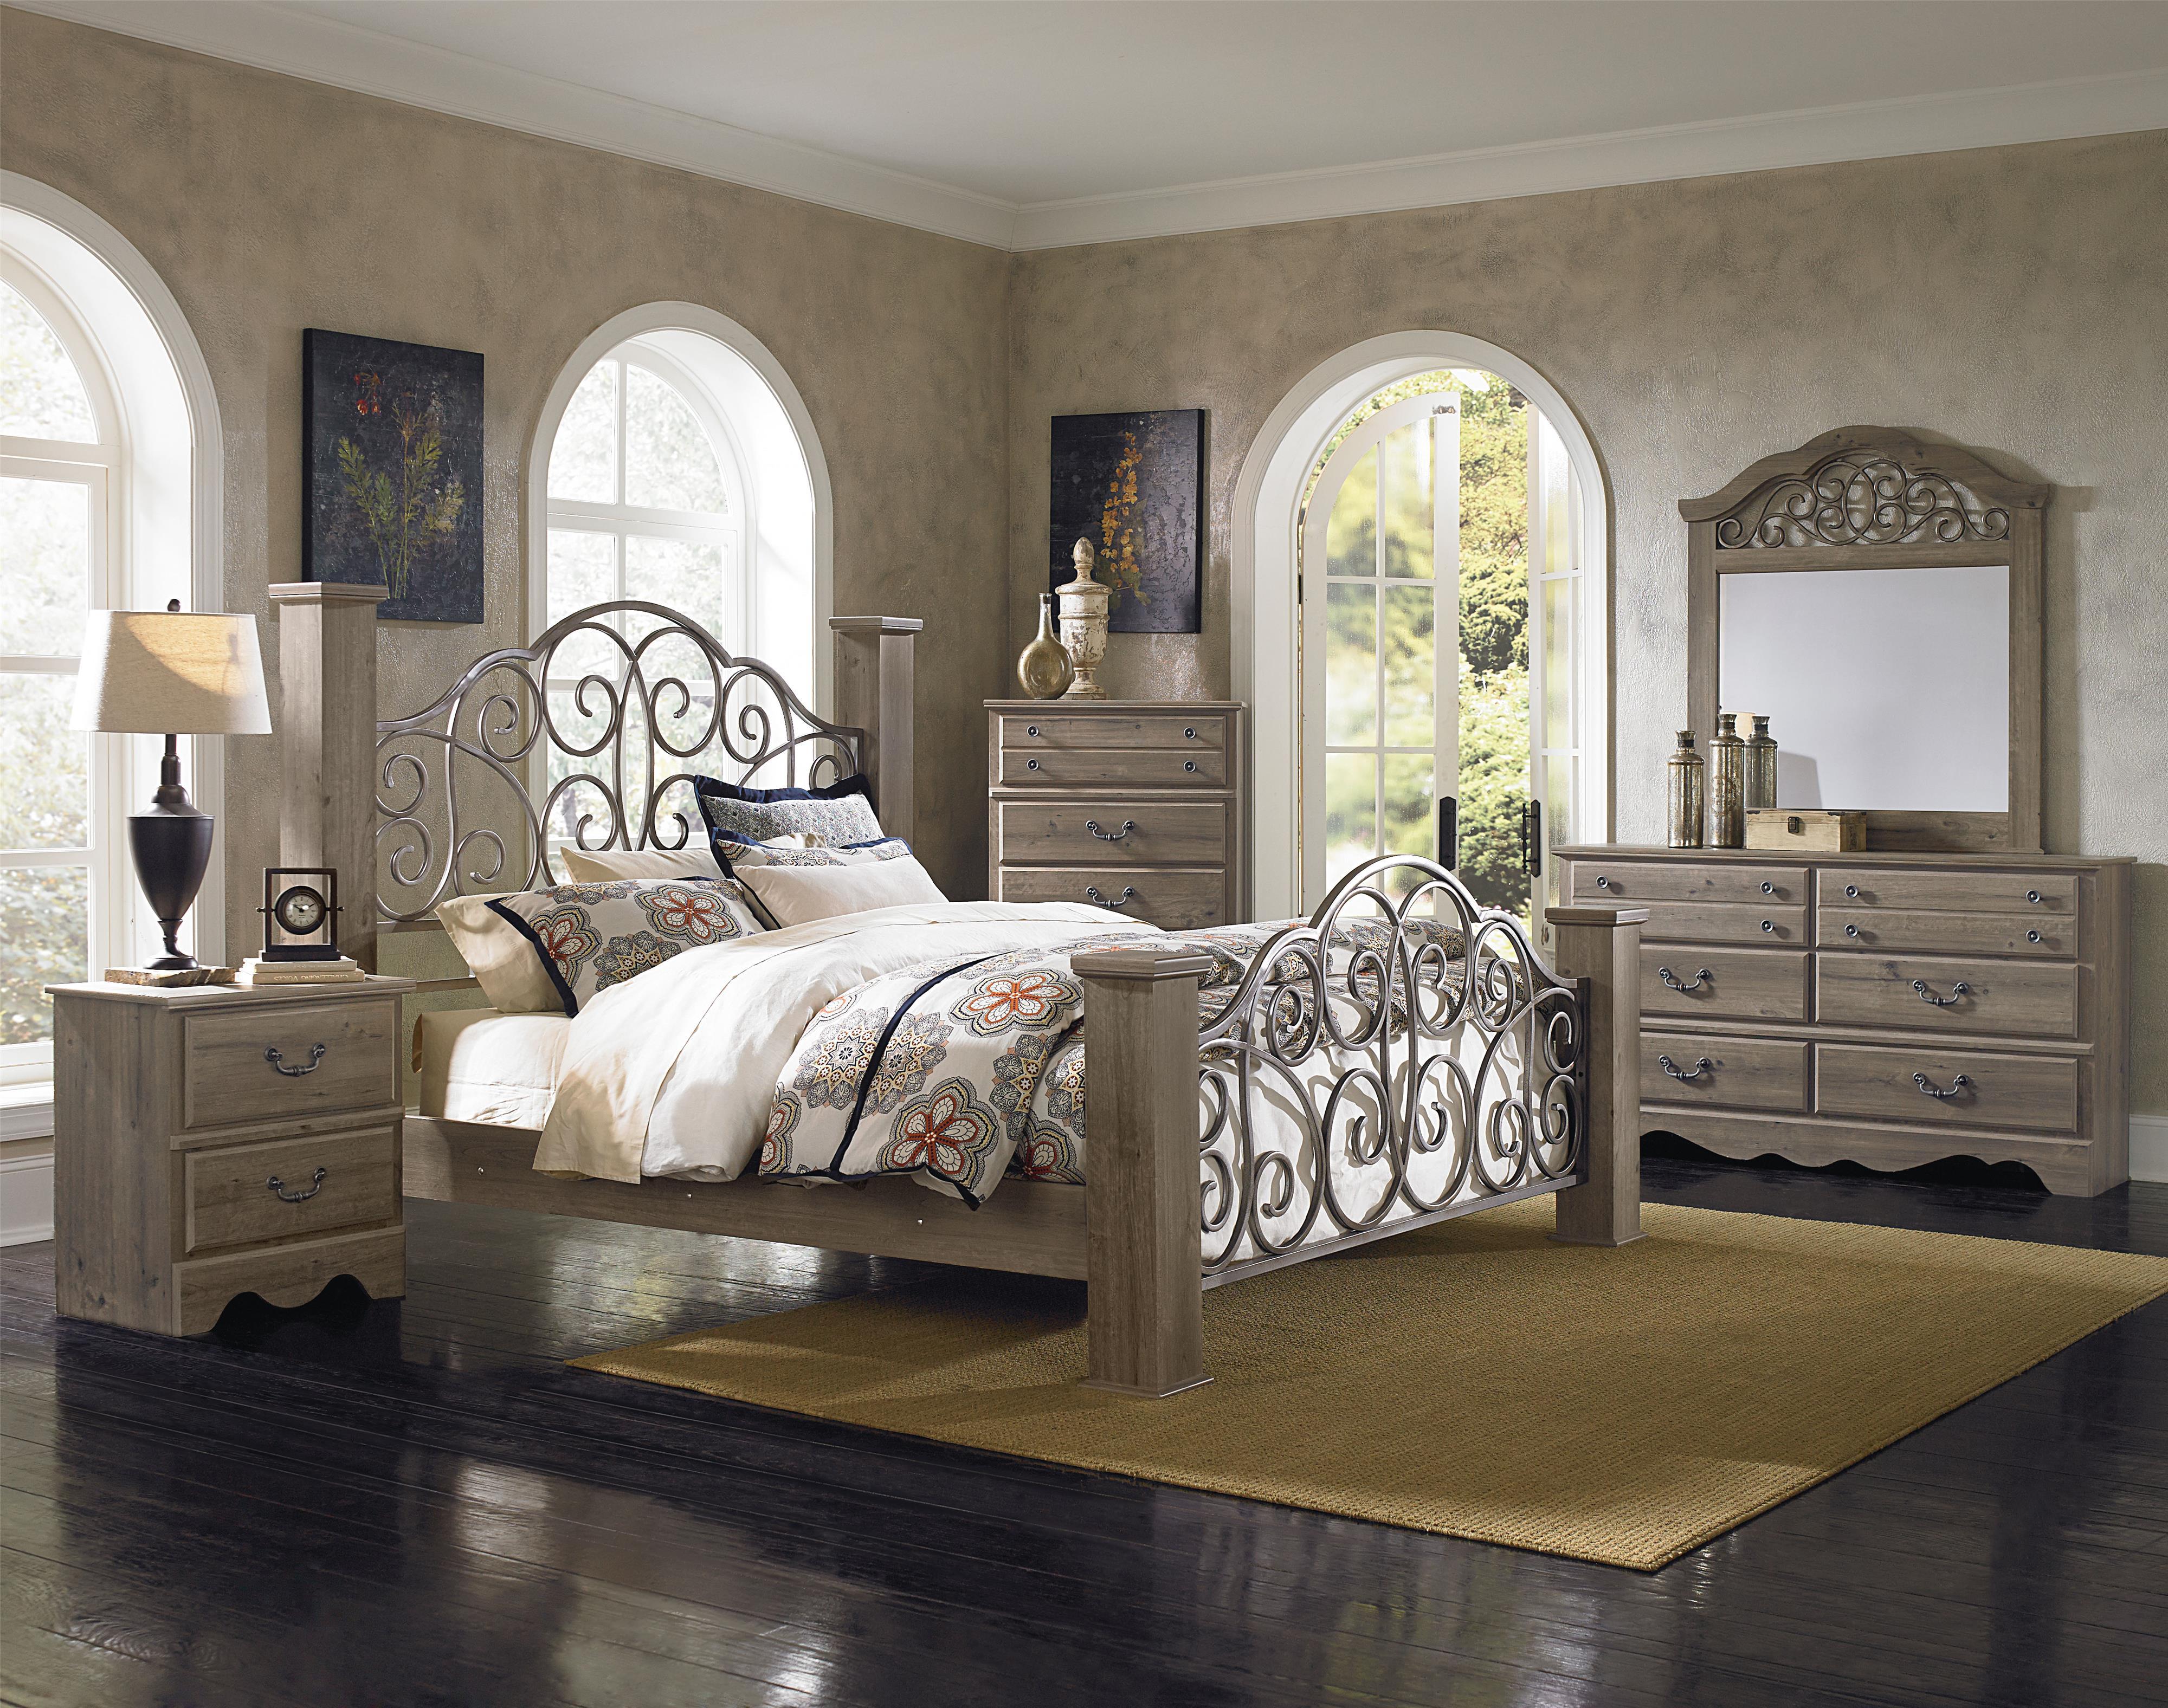 Standard Furniture Timber Creek King Bedroom Group - Item Number: 52650 K Bedroom Group 1